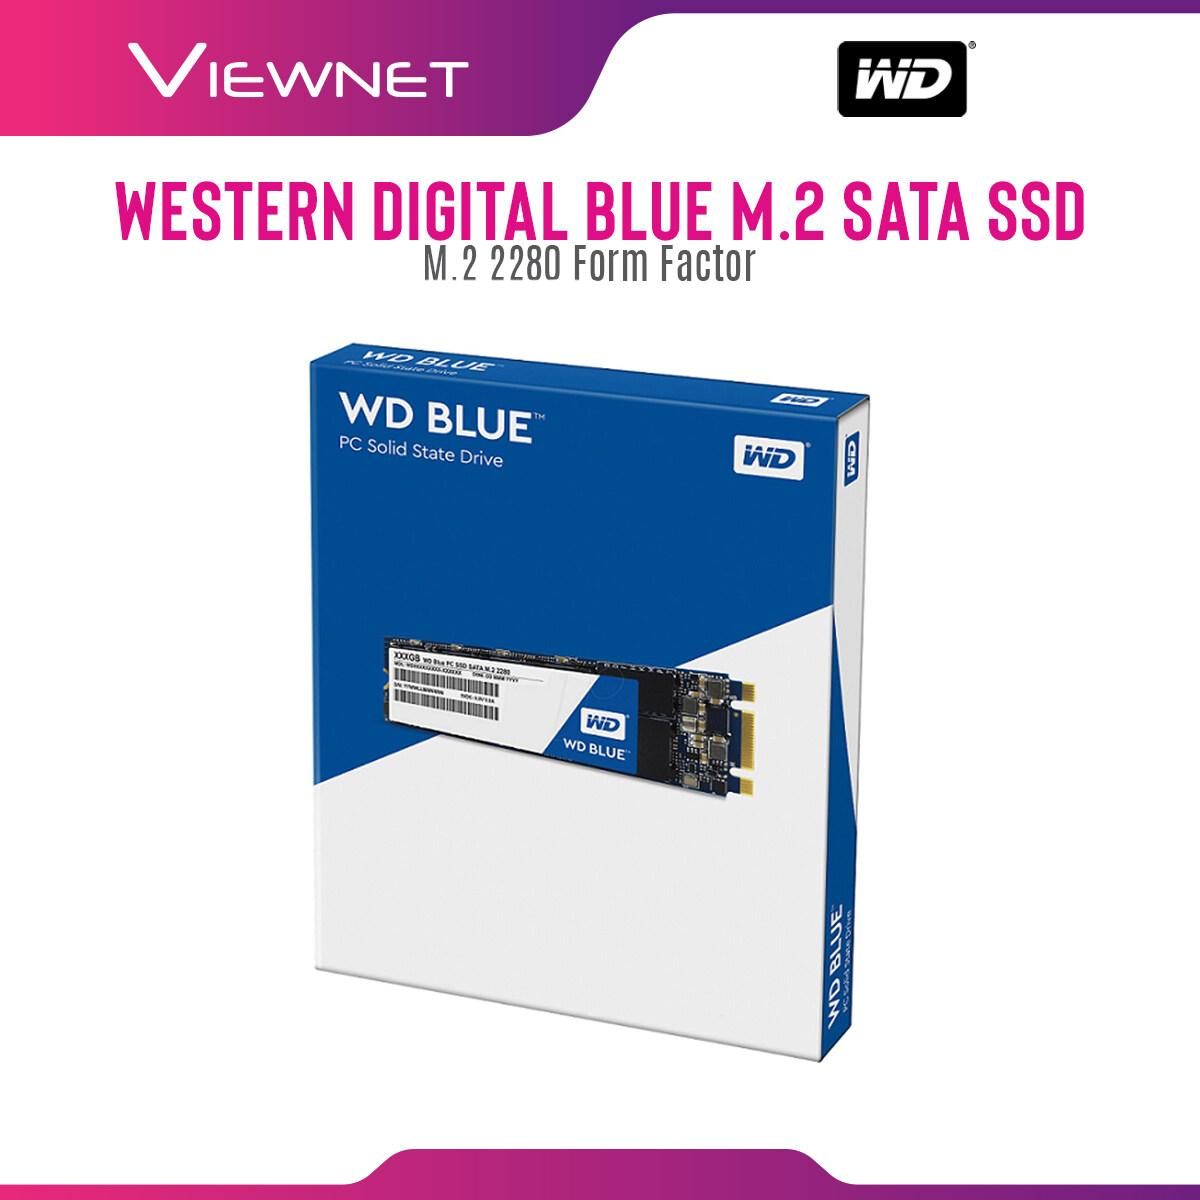 WD WESTERN DIGITAL SOLID STATE DRIVE WD BLUE PC SSD M.2 2280 SATA BLUE 250GB/500GB/1TB/2TB